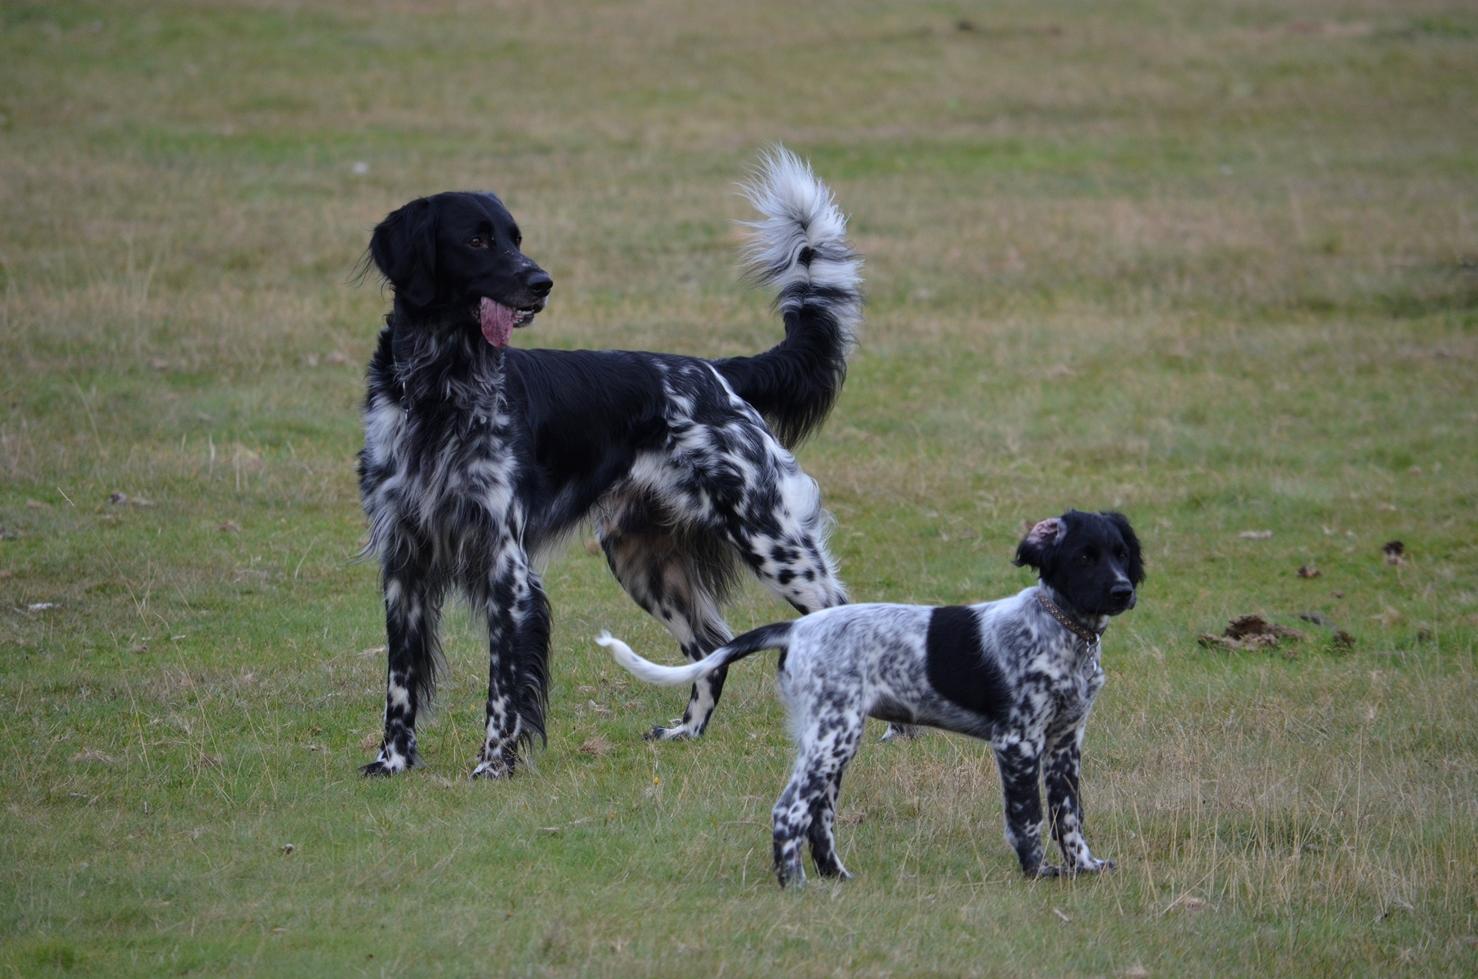 Loki and puppy Keiko